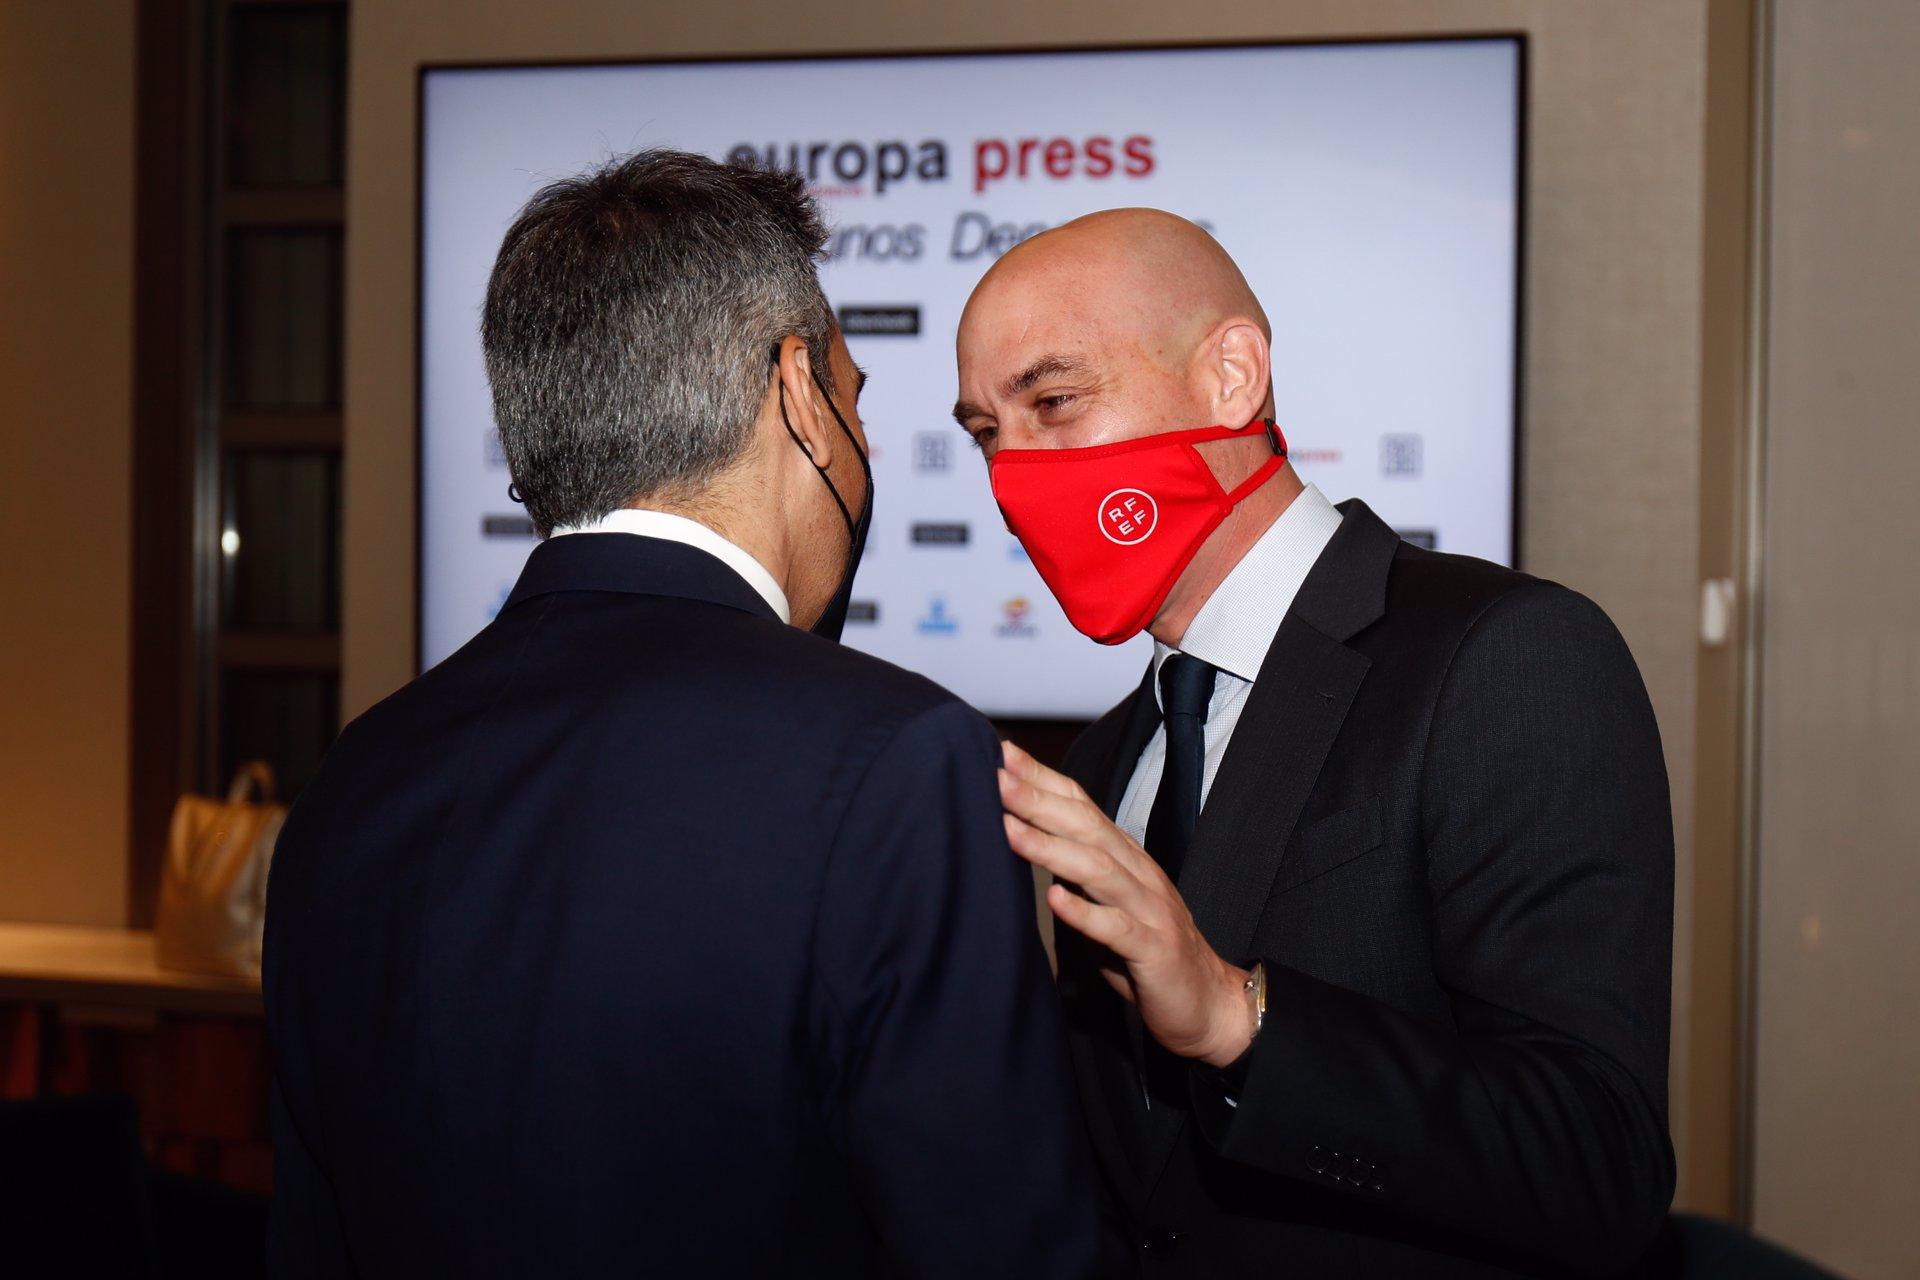 Joaquin Molpeceres Sanchez Desayunos Deportivos Europa Press Alejandro Blanco